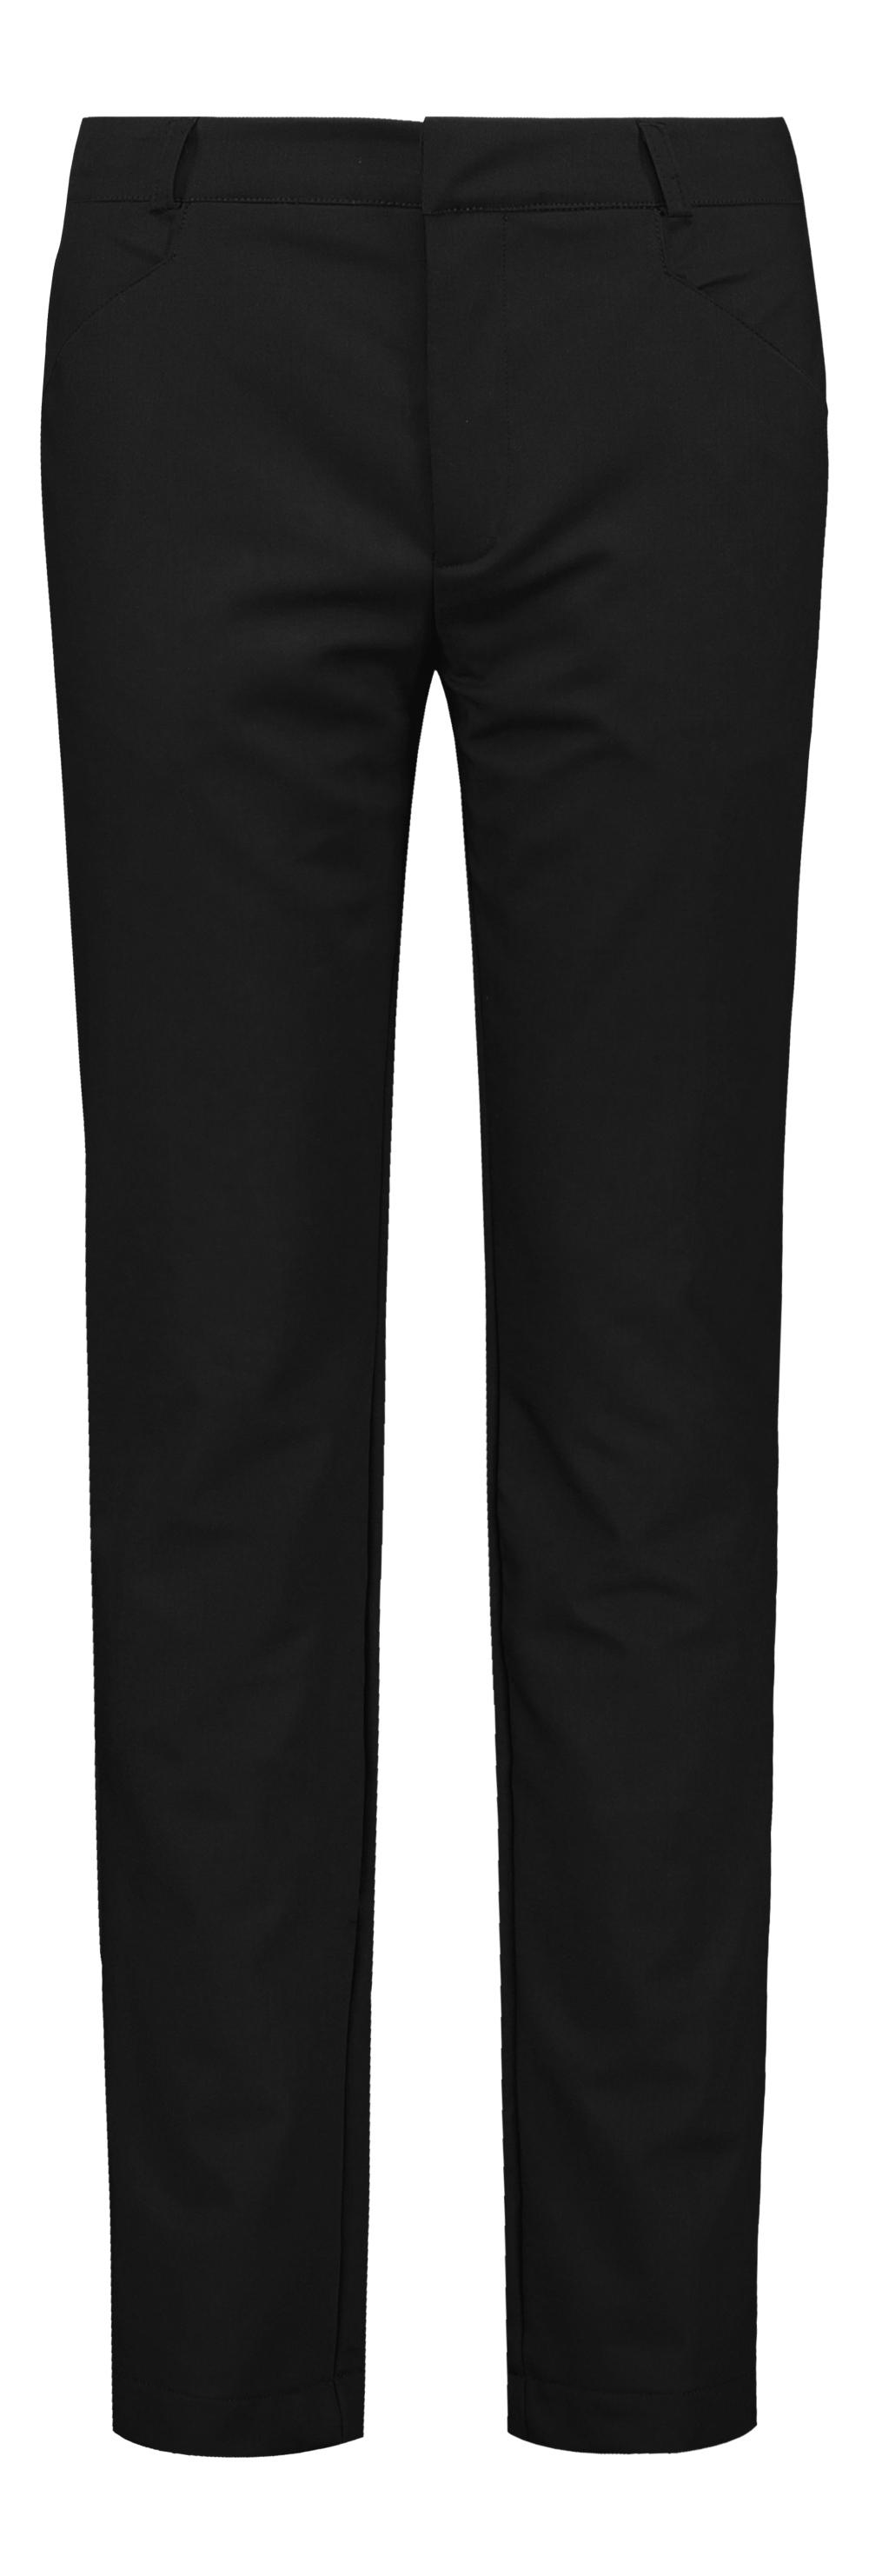 Meghan naisten housut, musta